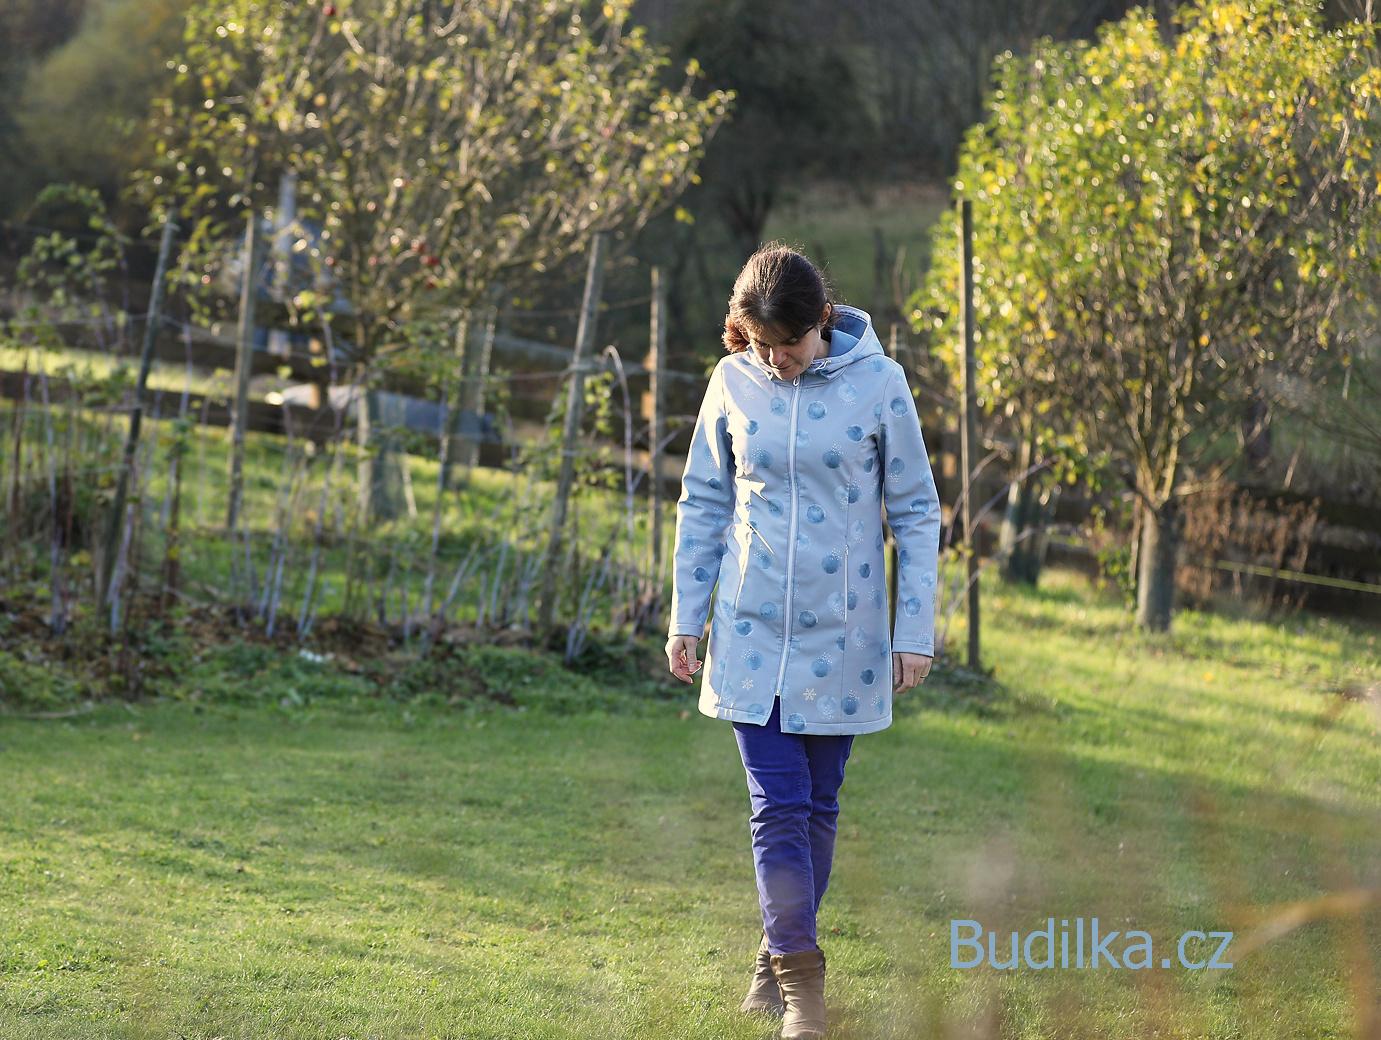 softshellový dámský kabát - wear everyday coat ottobre - Budilka.cz